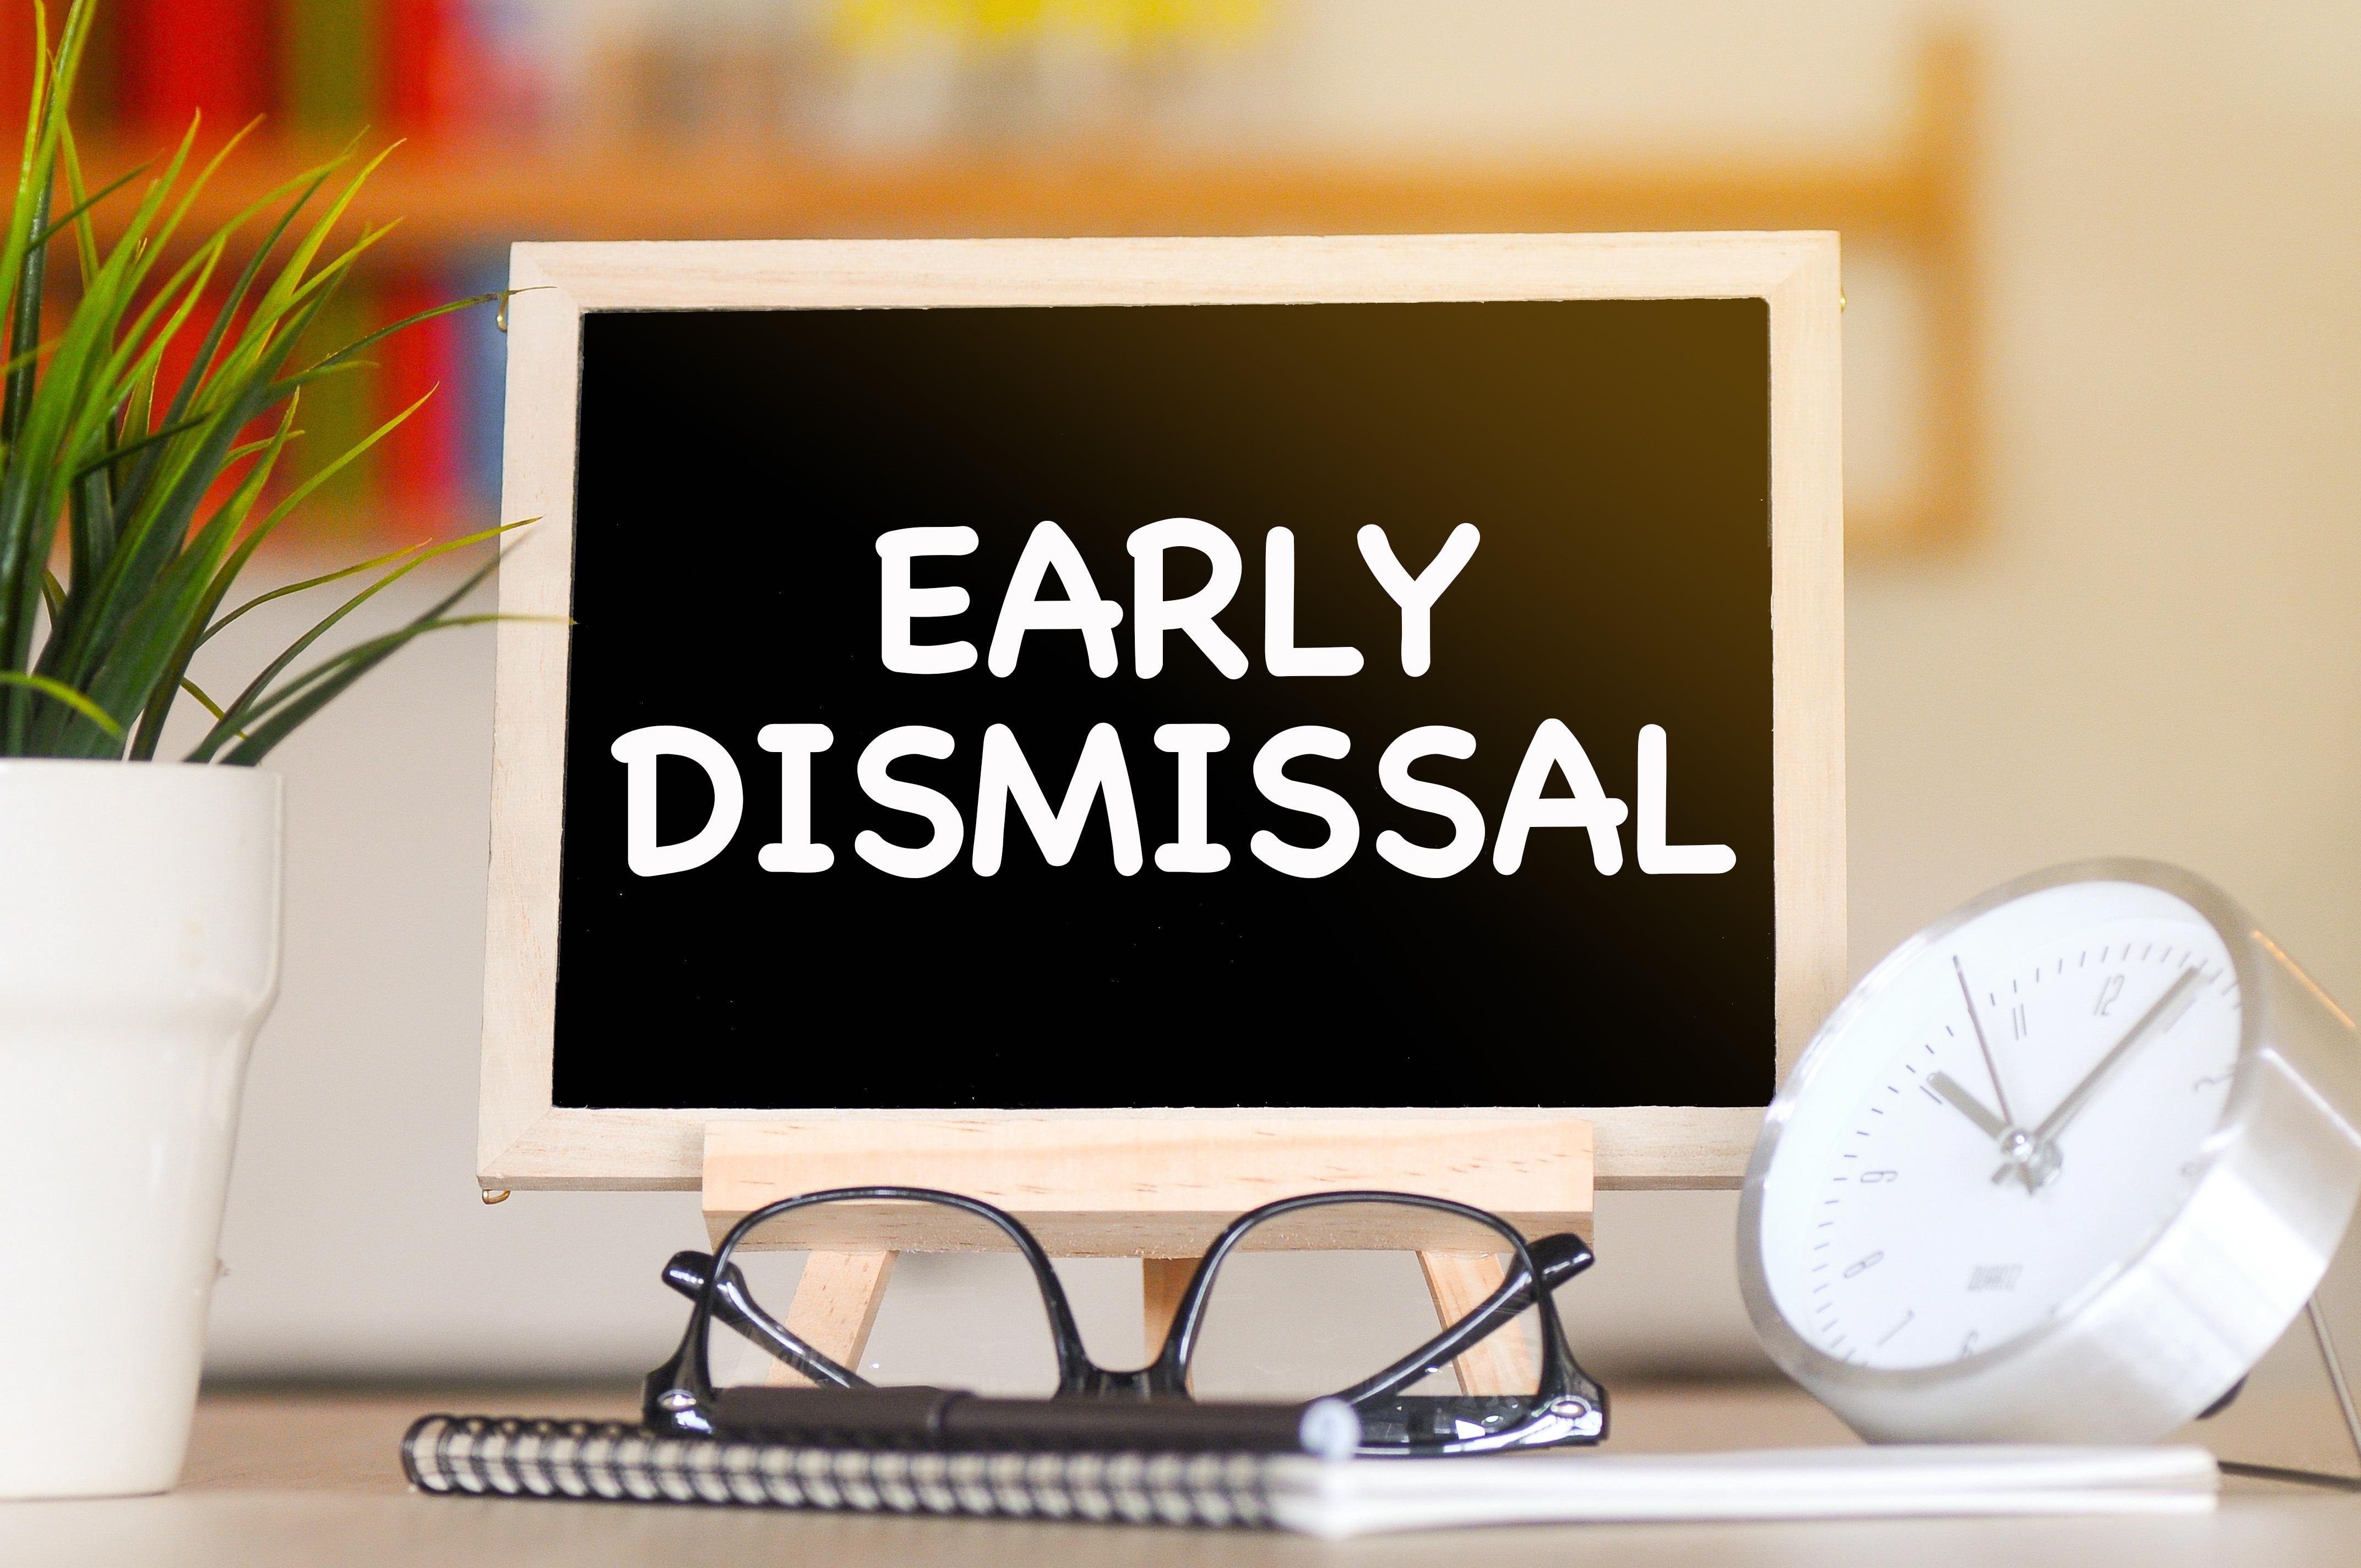 Early Dismissal on Chalkboard (10/2020)